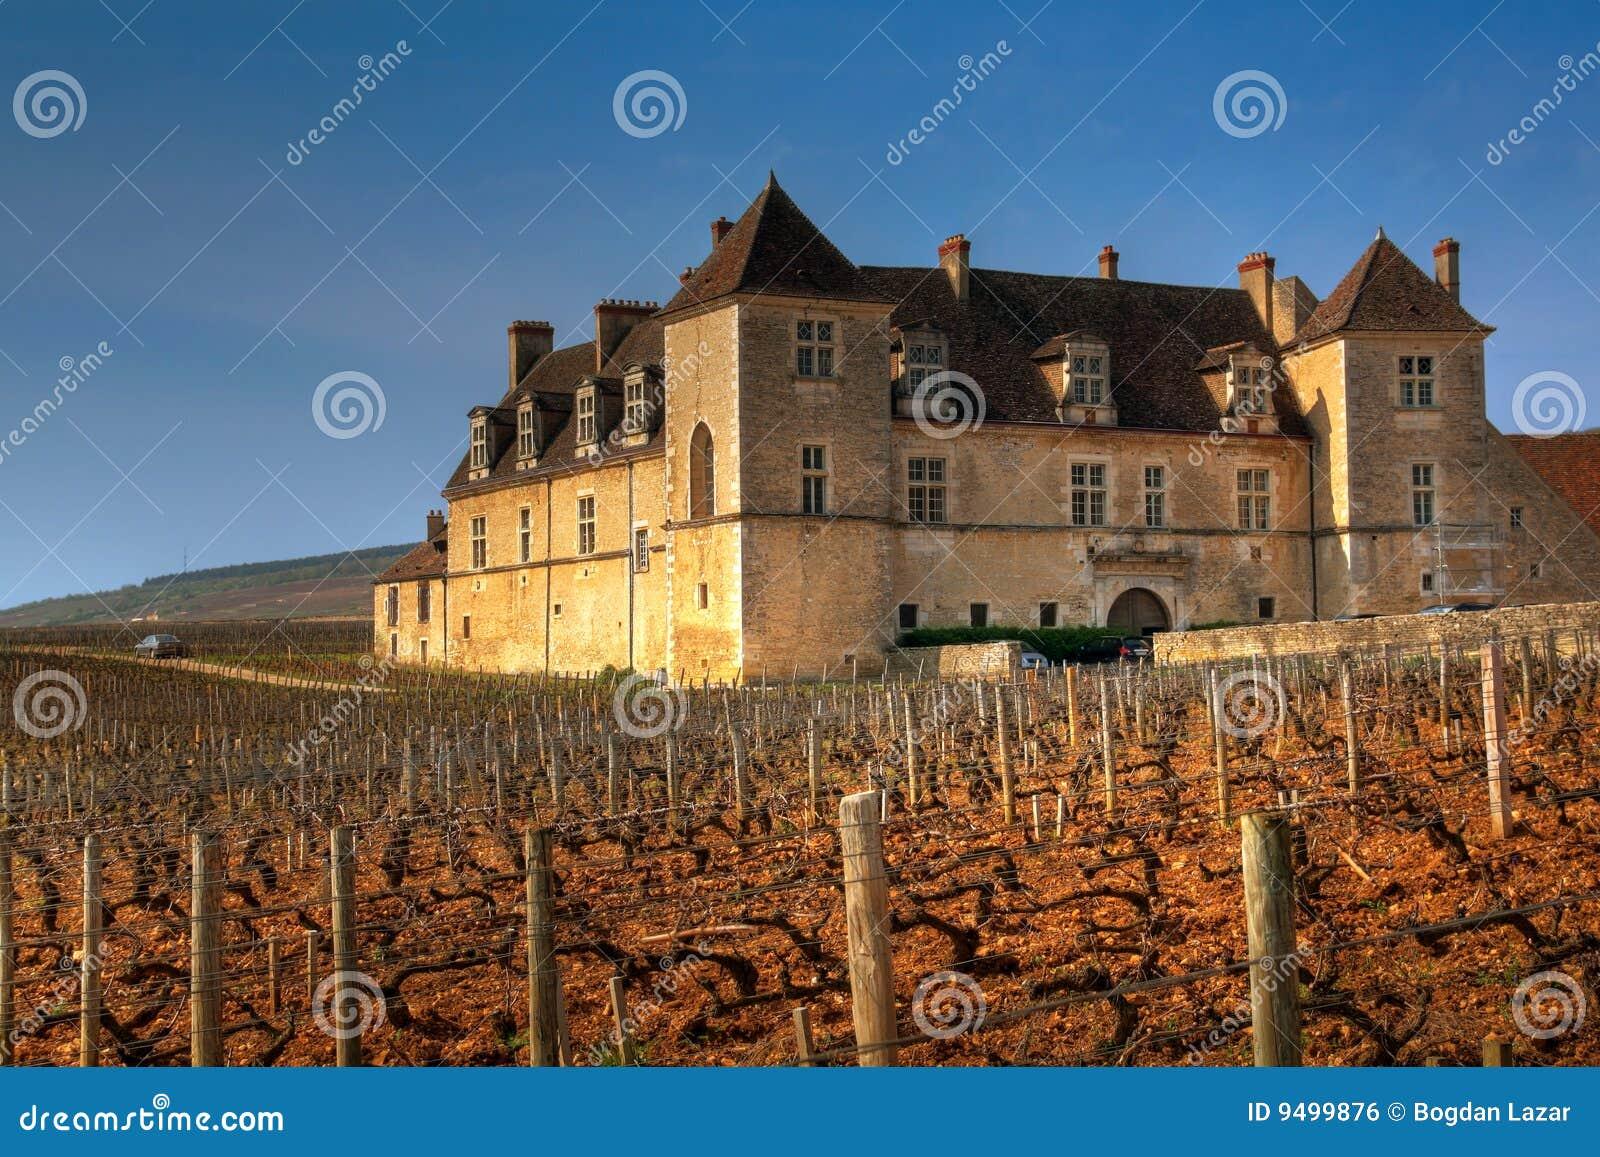 Clos de Vougeot, Burgundy, France